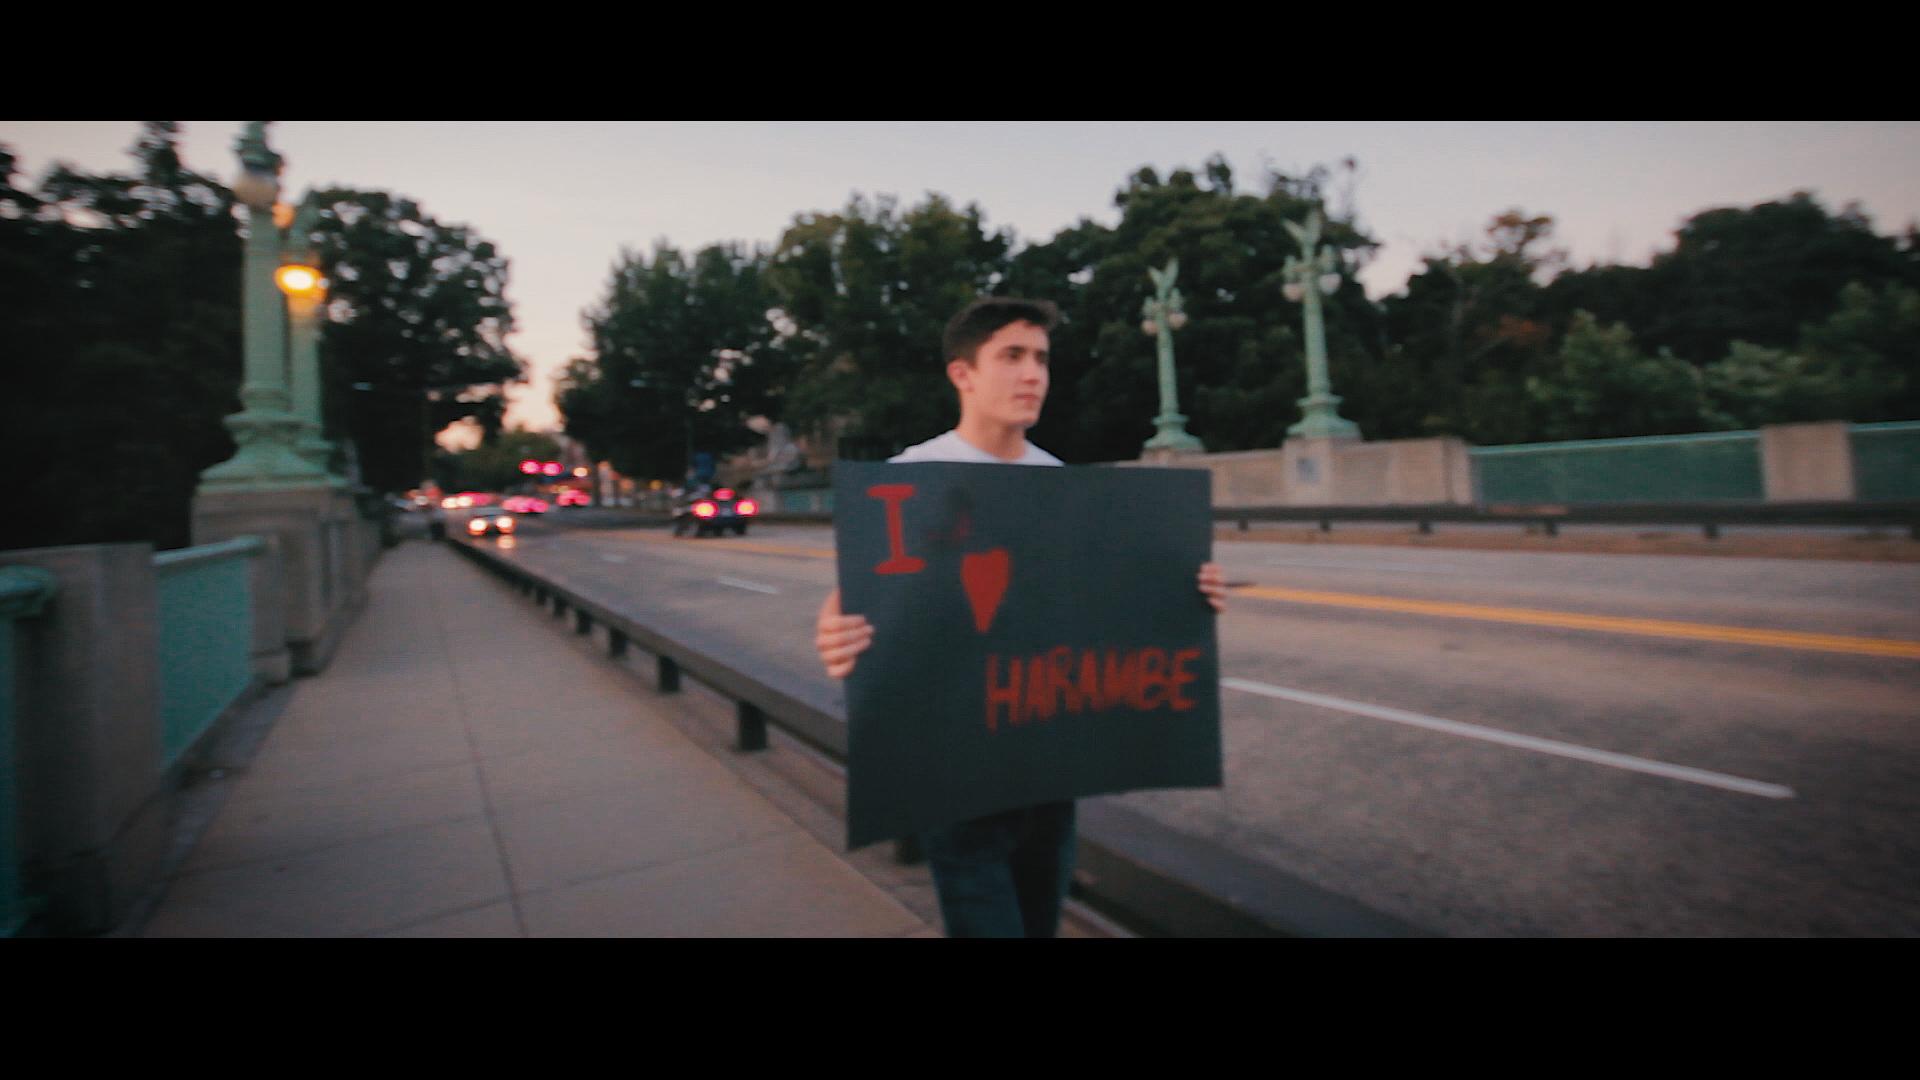 No Justice (Harambe Tribute).00_01_33_04.Still006.jpg